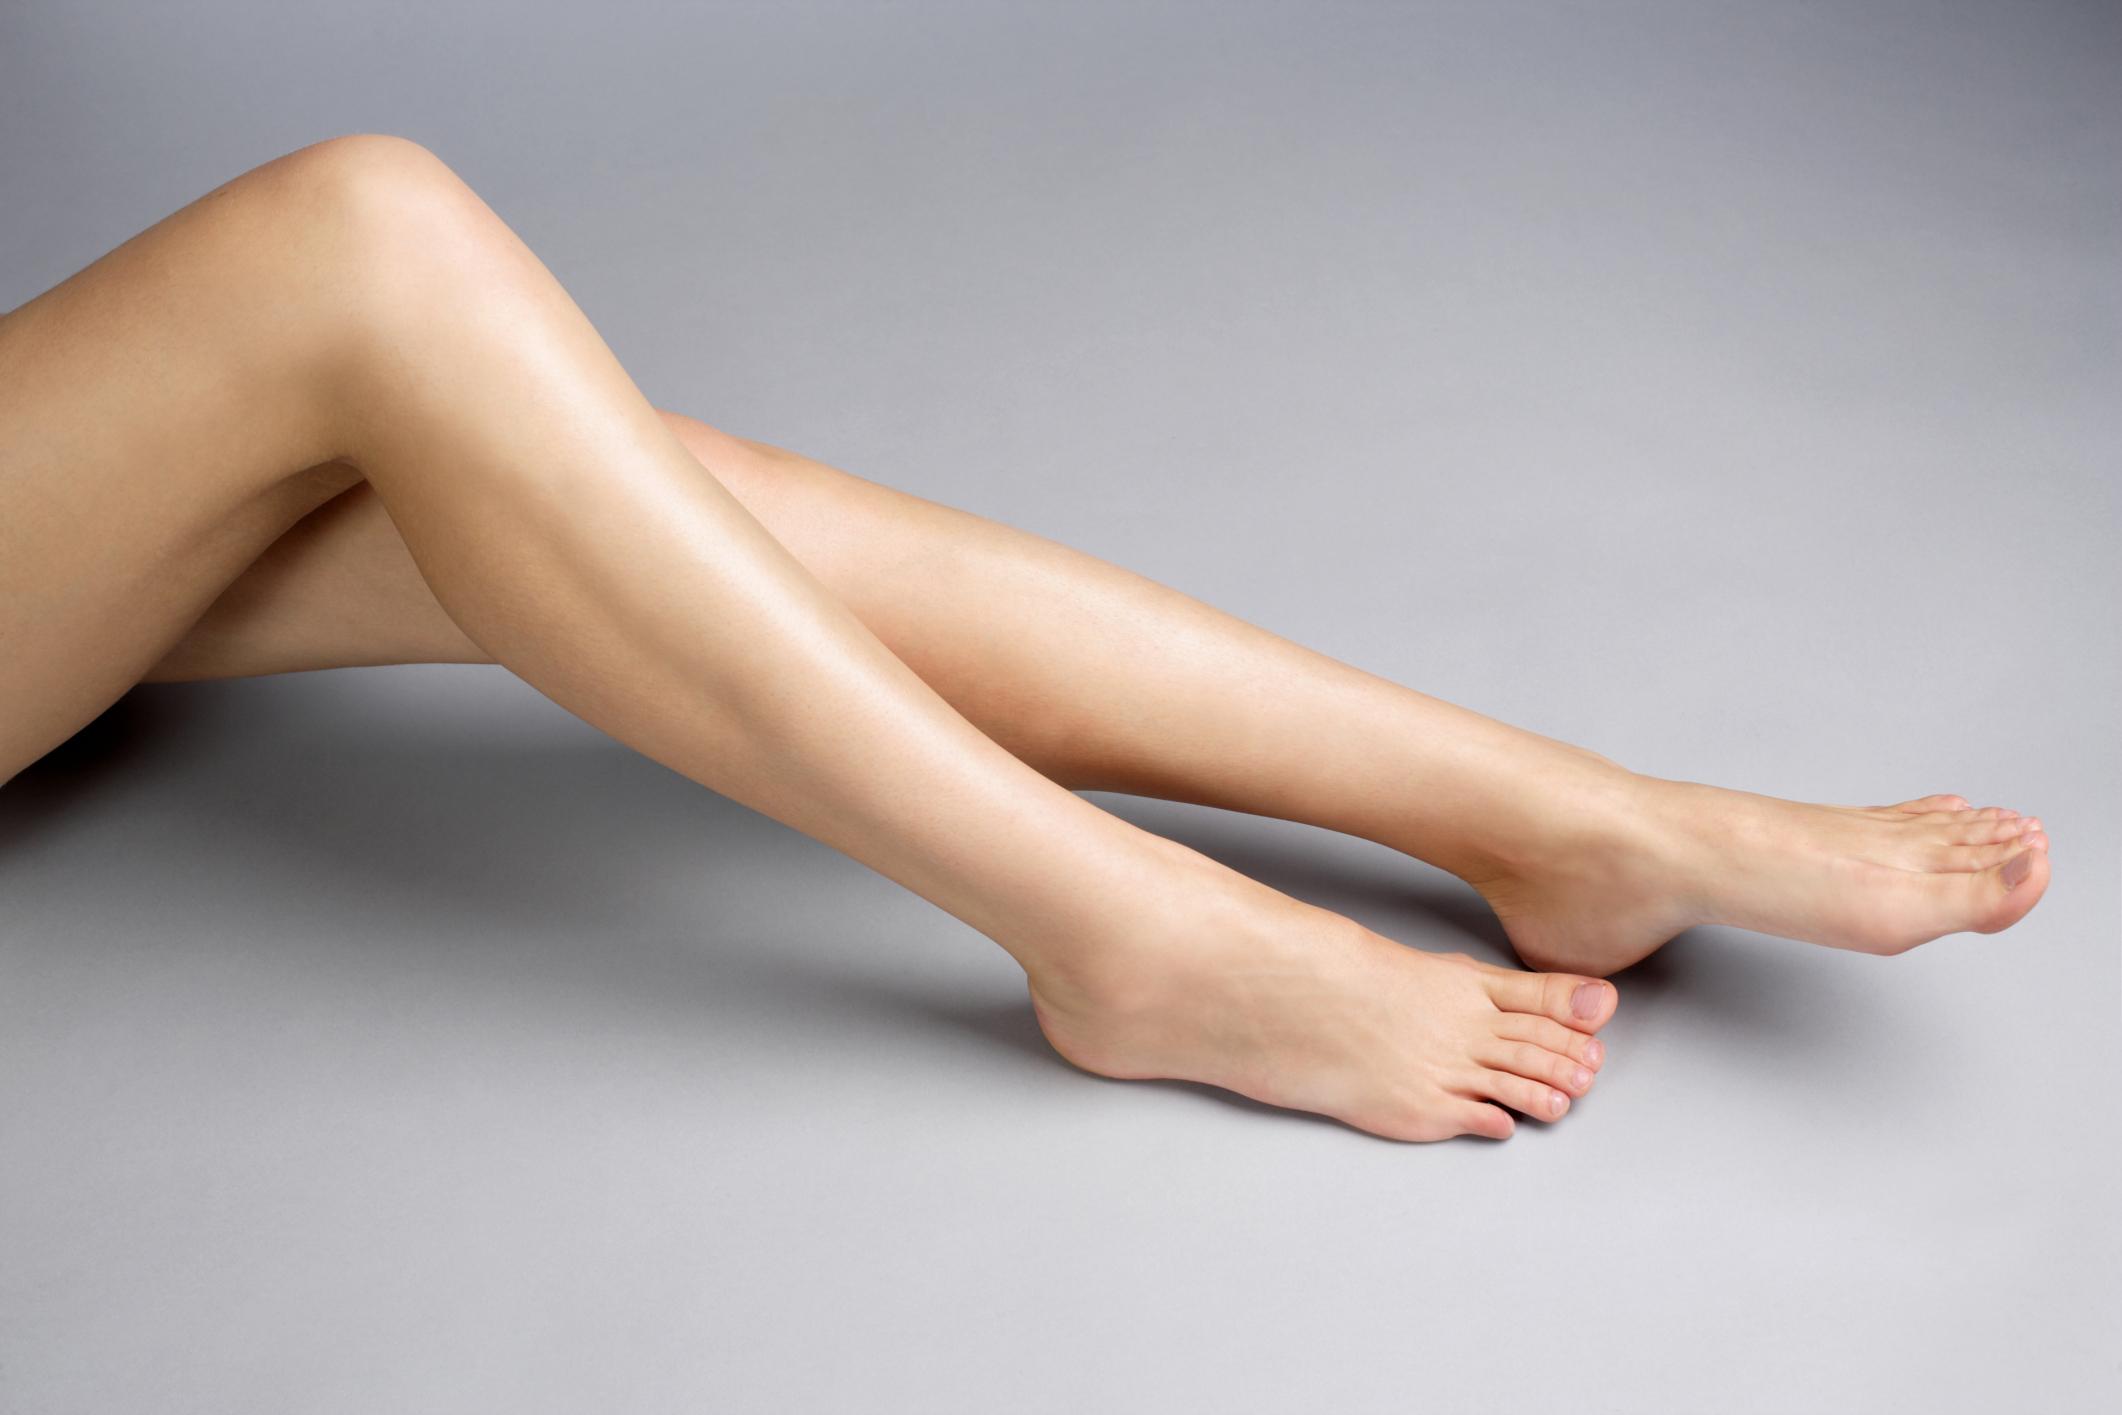 Primele semne și simptome ale varicelor de pe picioare: ce trebuie făcut? - Articole